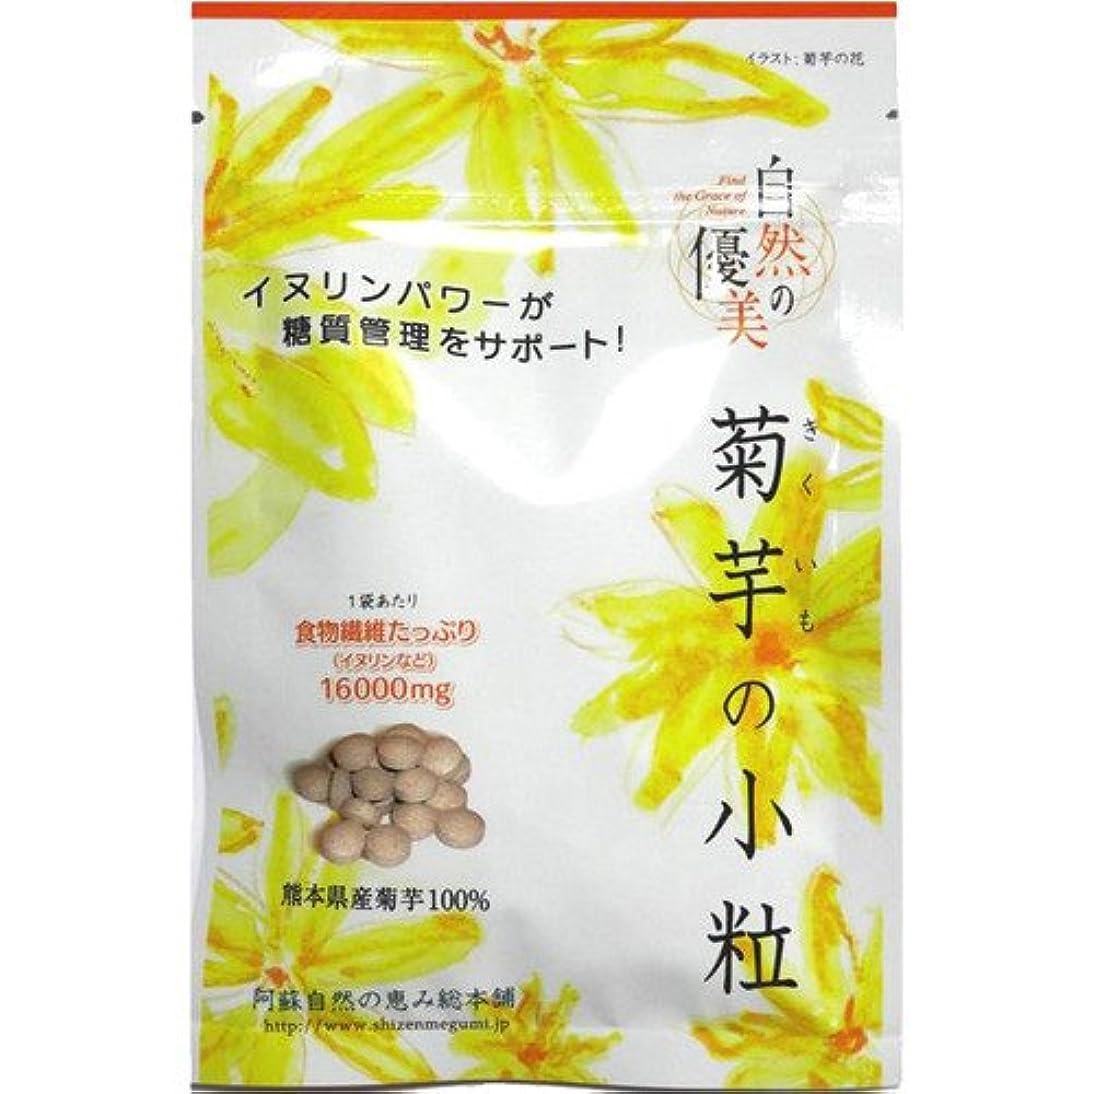 直面する請負業者経済阿蘇自然の恵み総本舗 菊芋の小粒 100錠